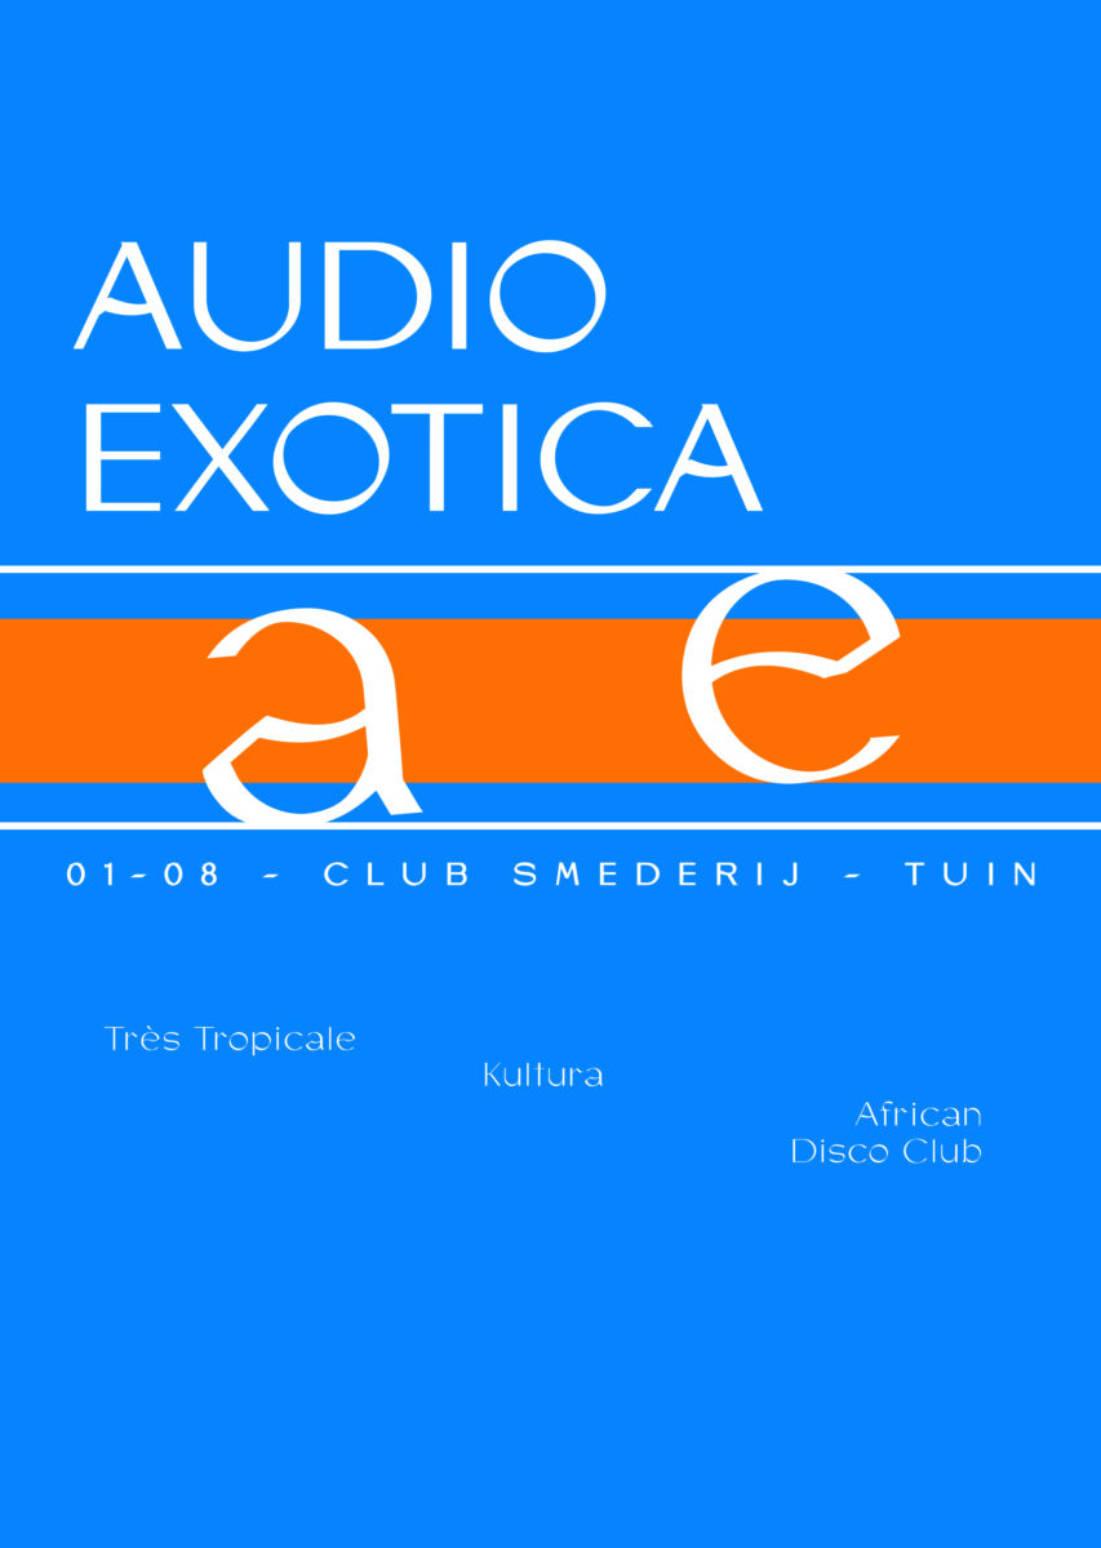 Audio Exotica | SmederijTuin